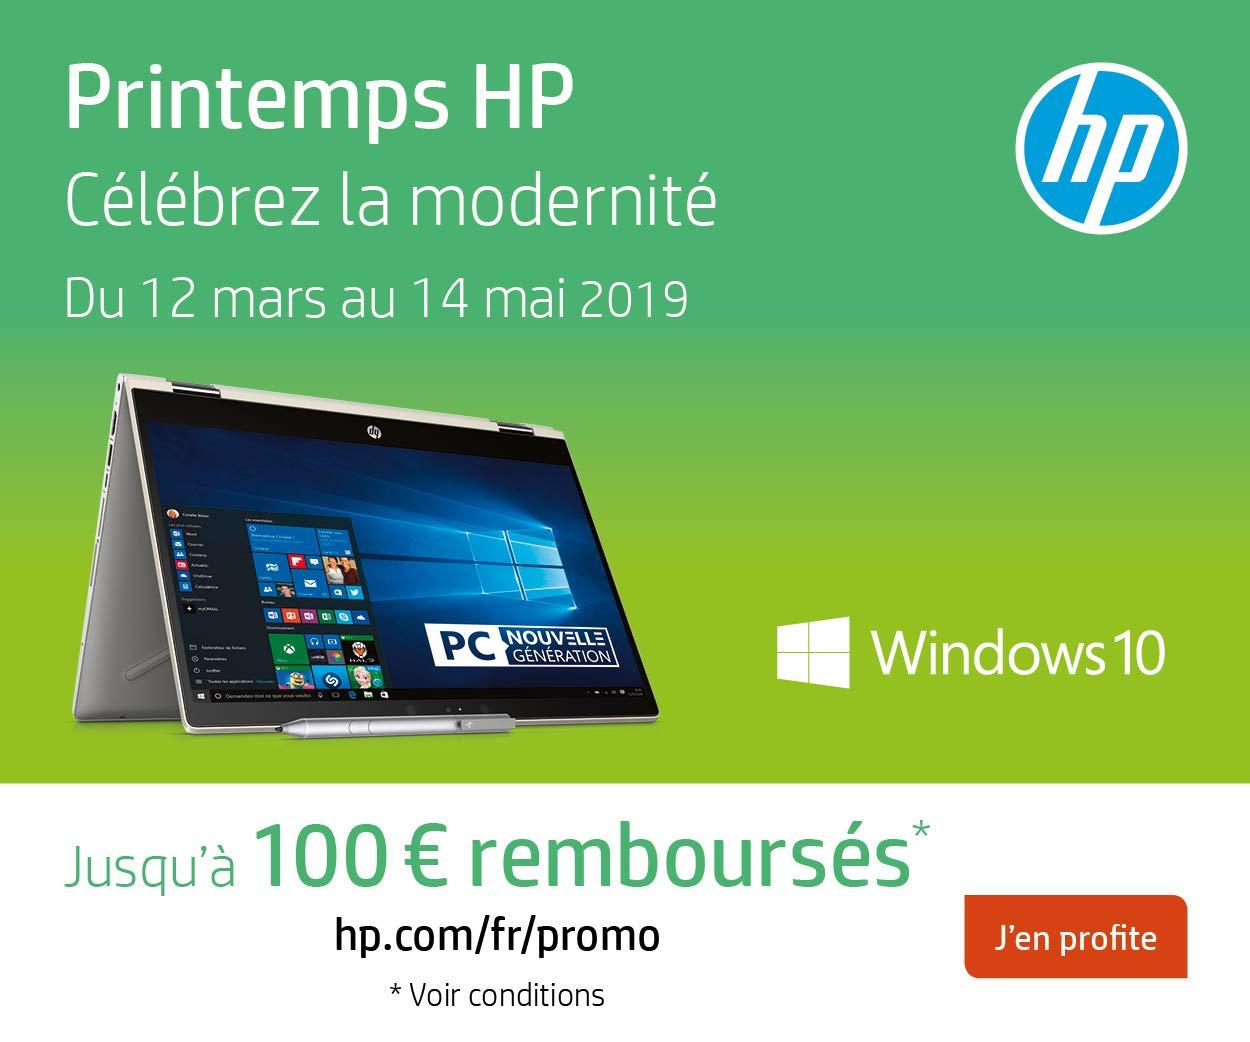 Du 12 mars au 14 mai 2019, HP rembourse jusqu'à 50€ pour l'achat d'un PC HP ET d'un accessoire ou moniteur HP éligibles